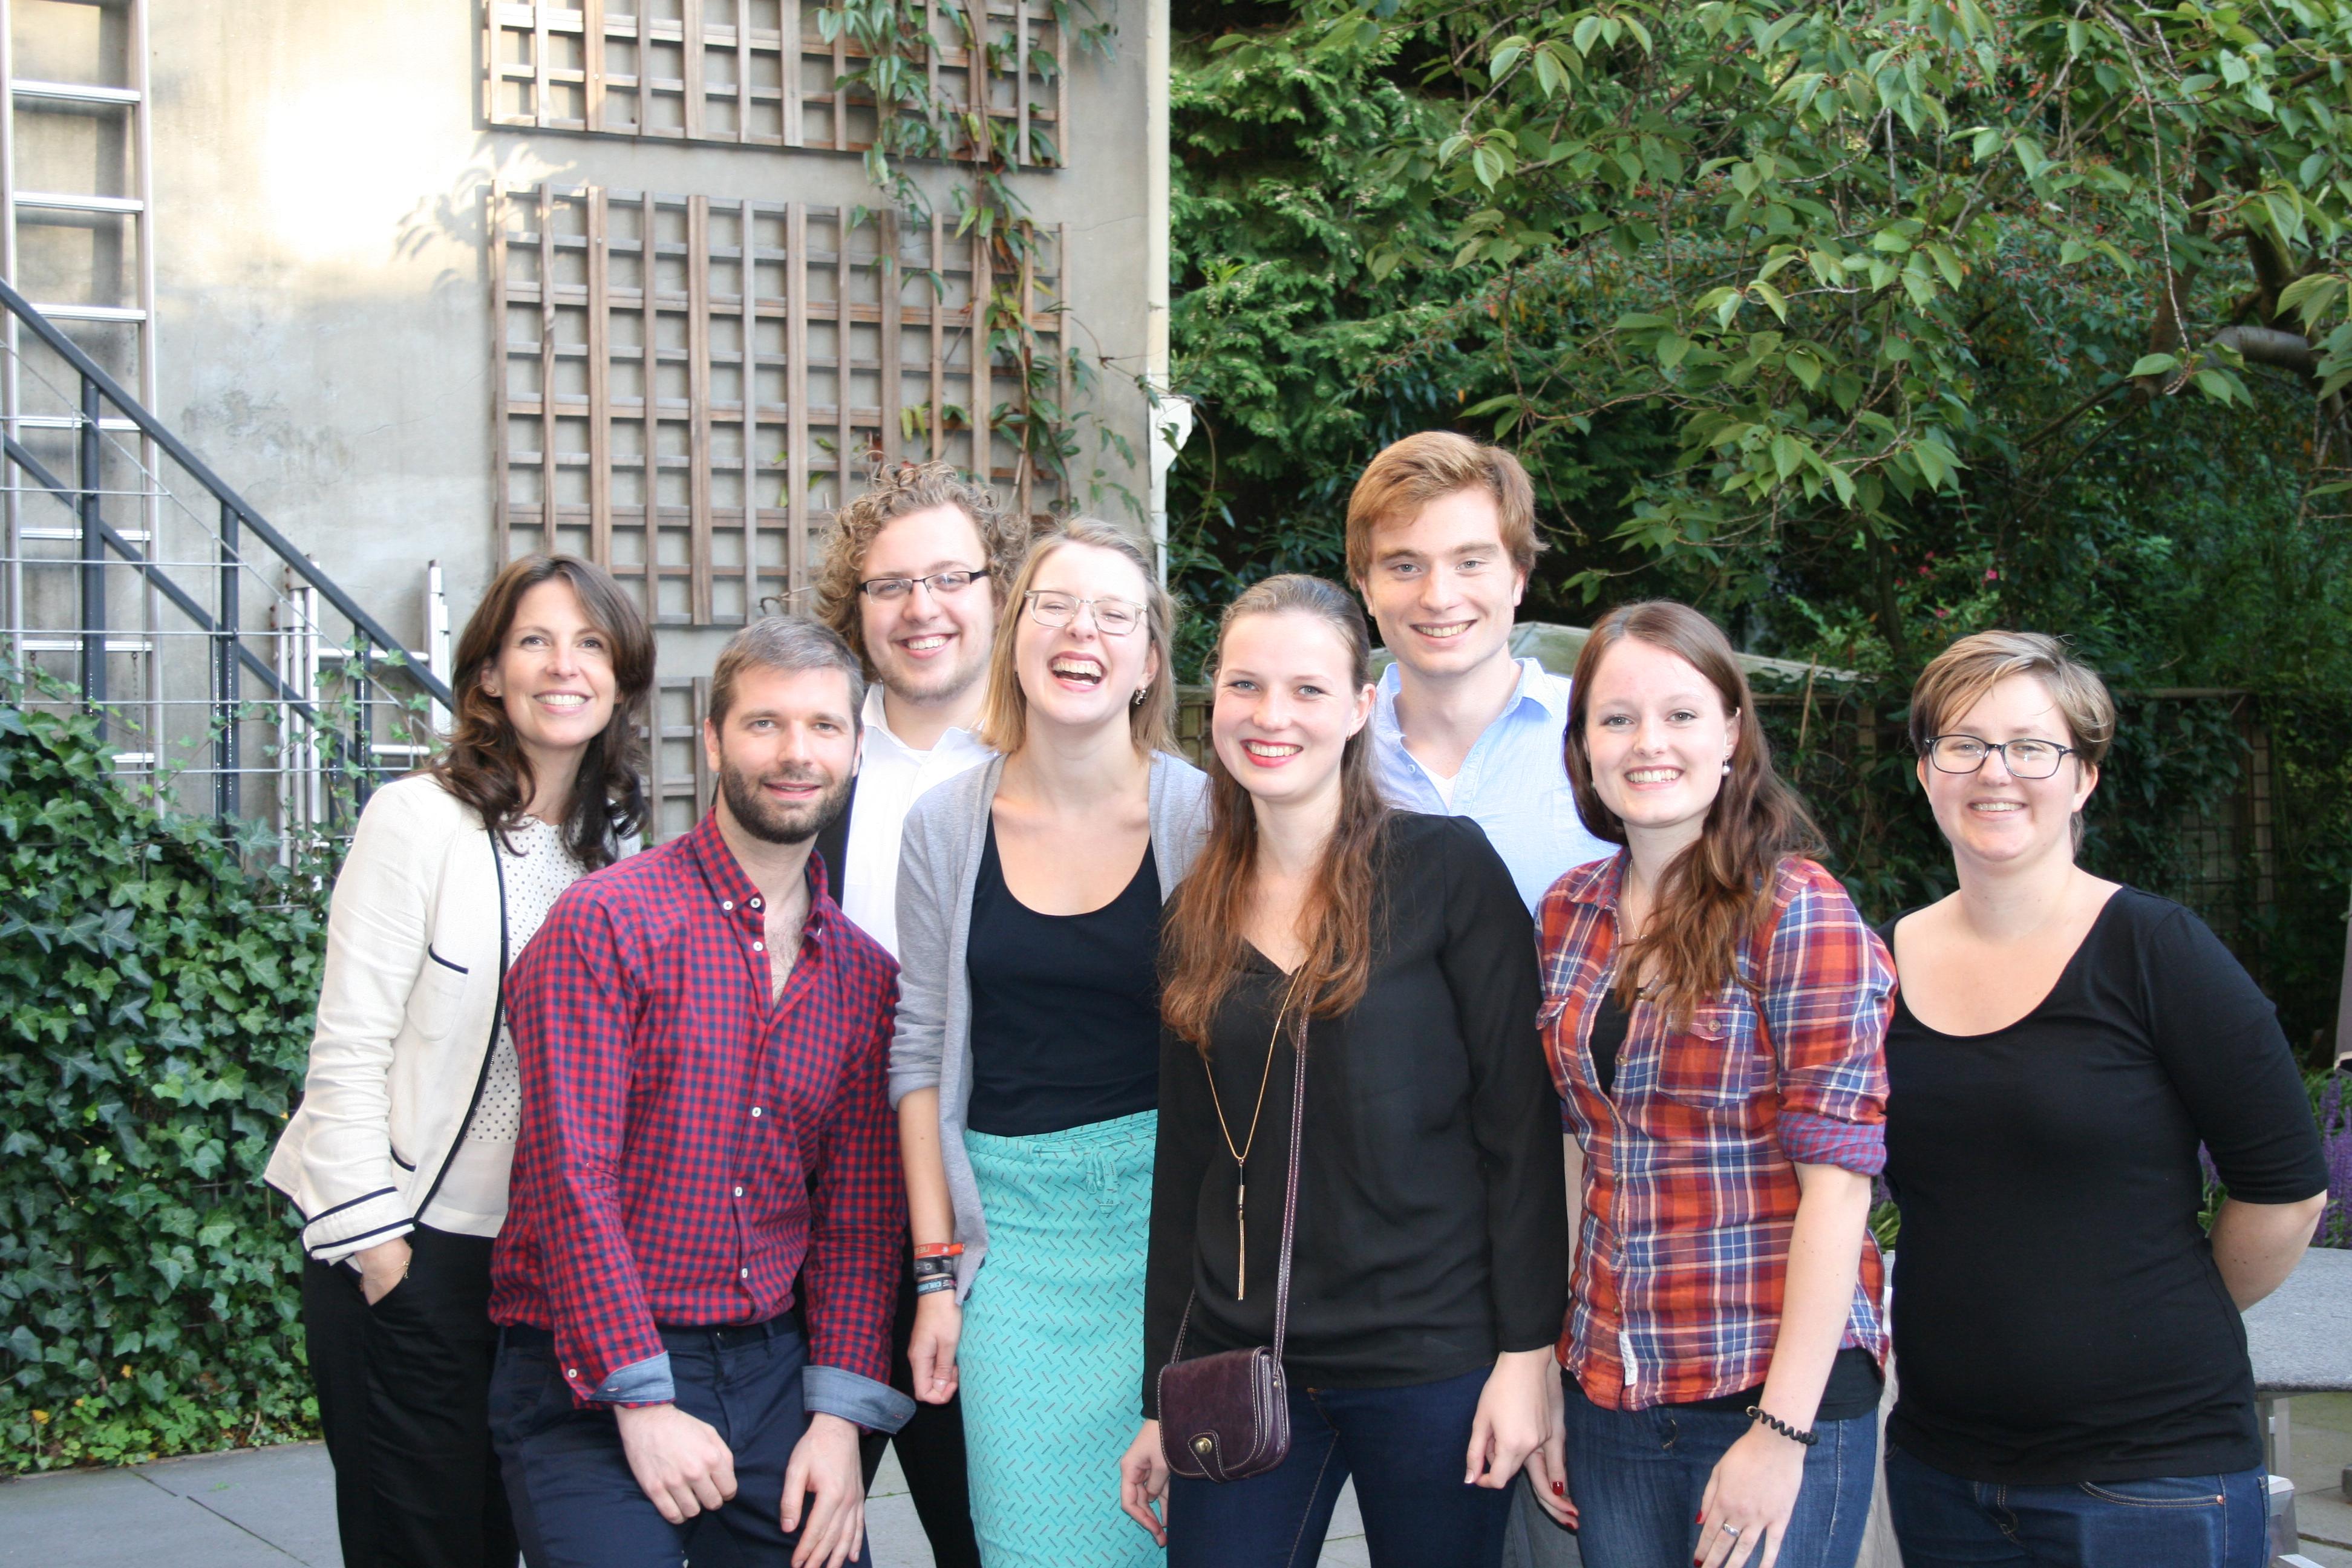 Studentenambassadeurs Max, Nora, Rob en Jesicca met medewerkers van de Duitslanddesk